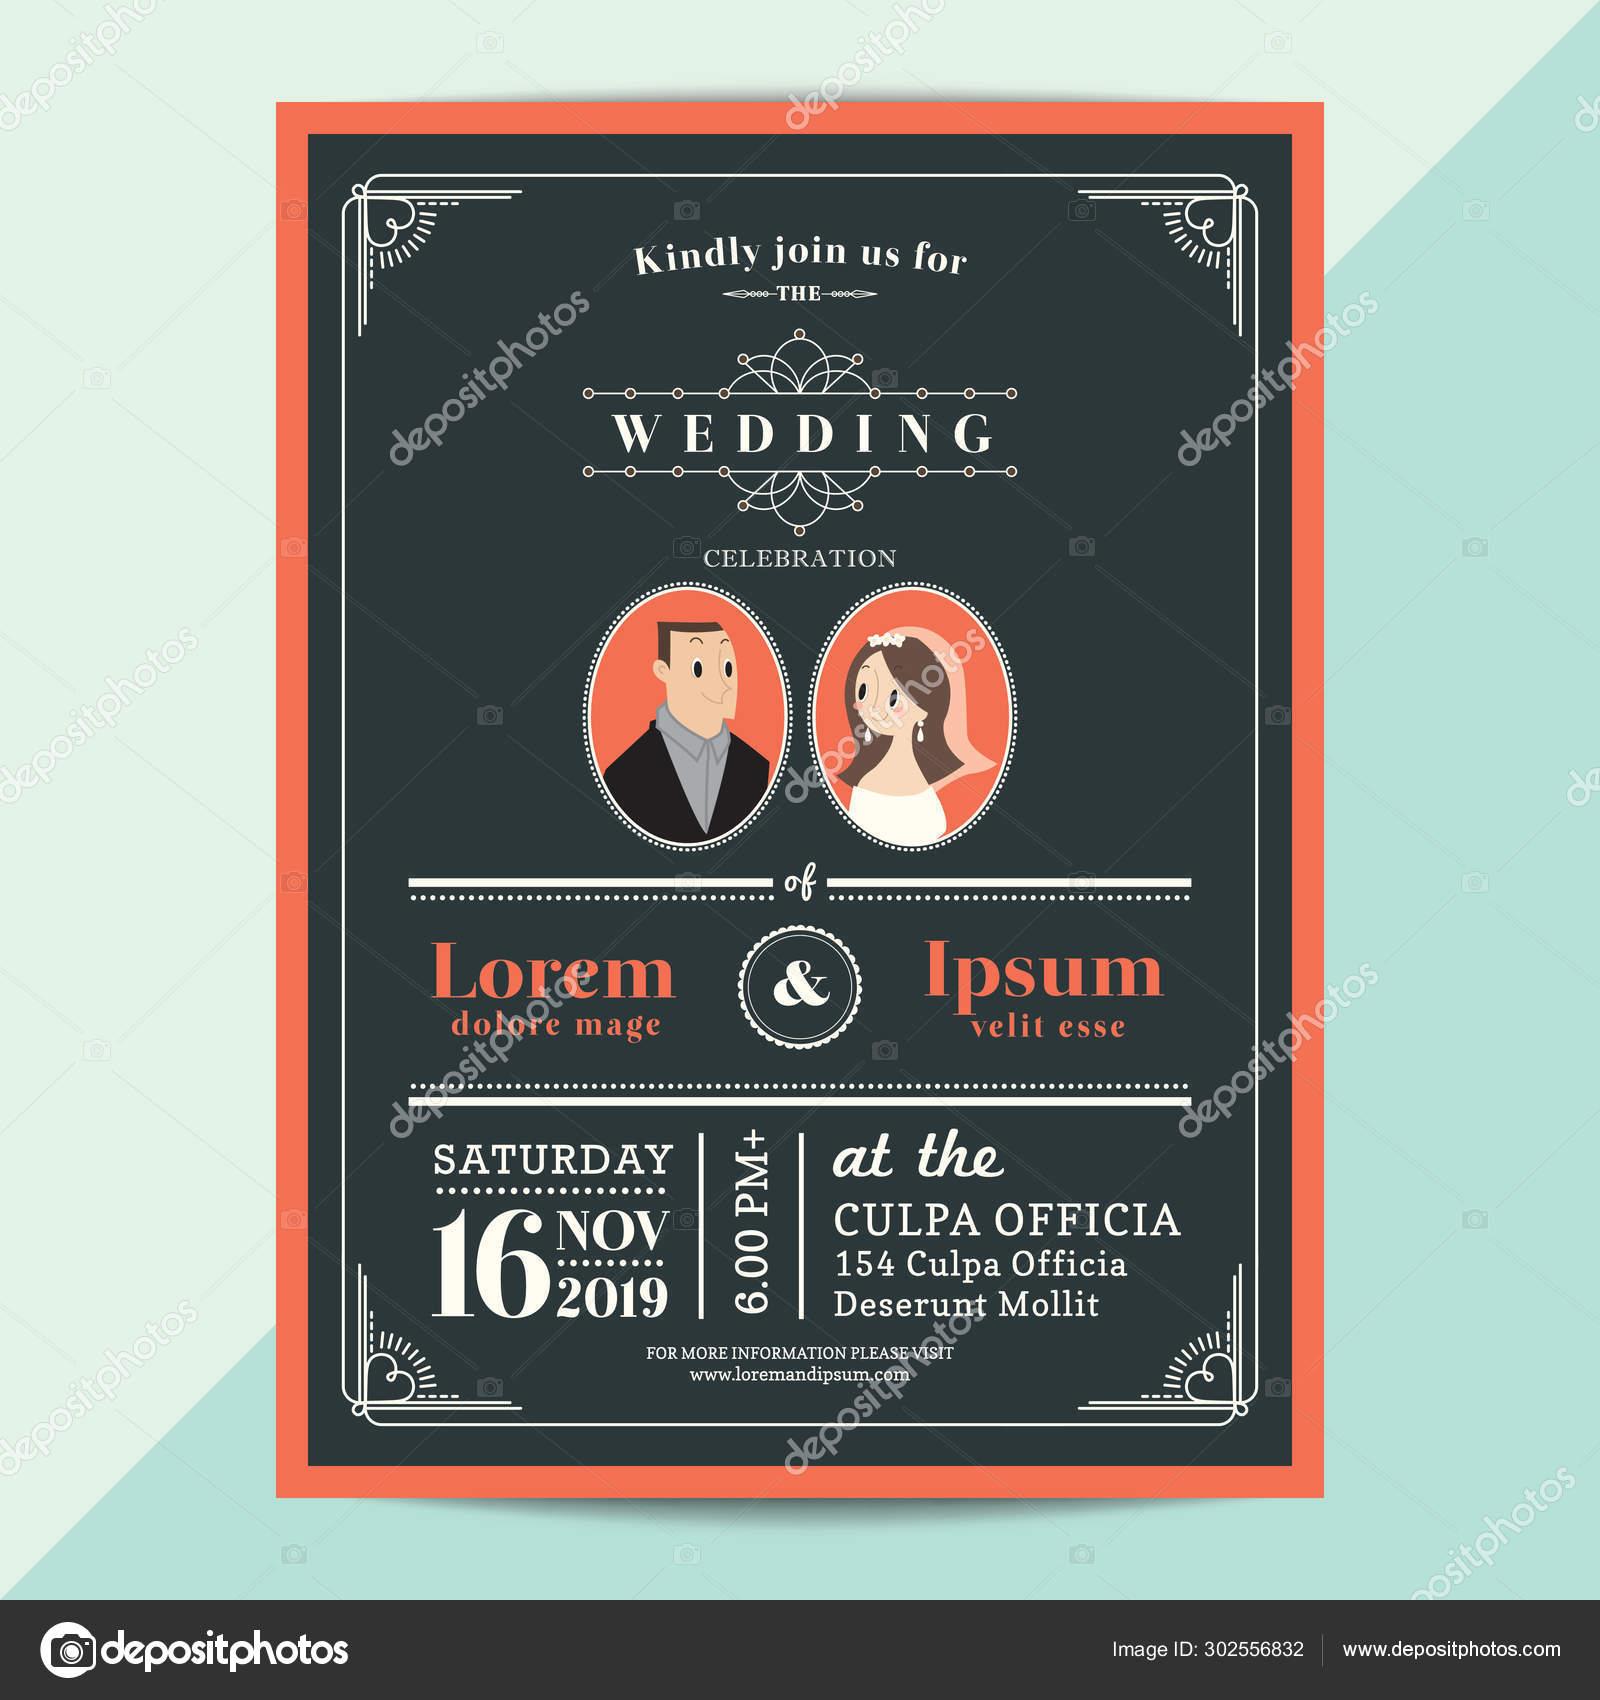 Modern Vintage Wedding Invitation Card With Orange Color